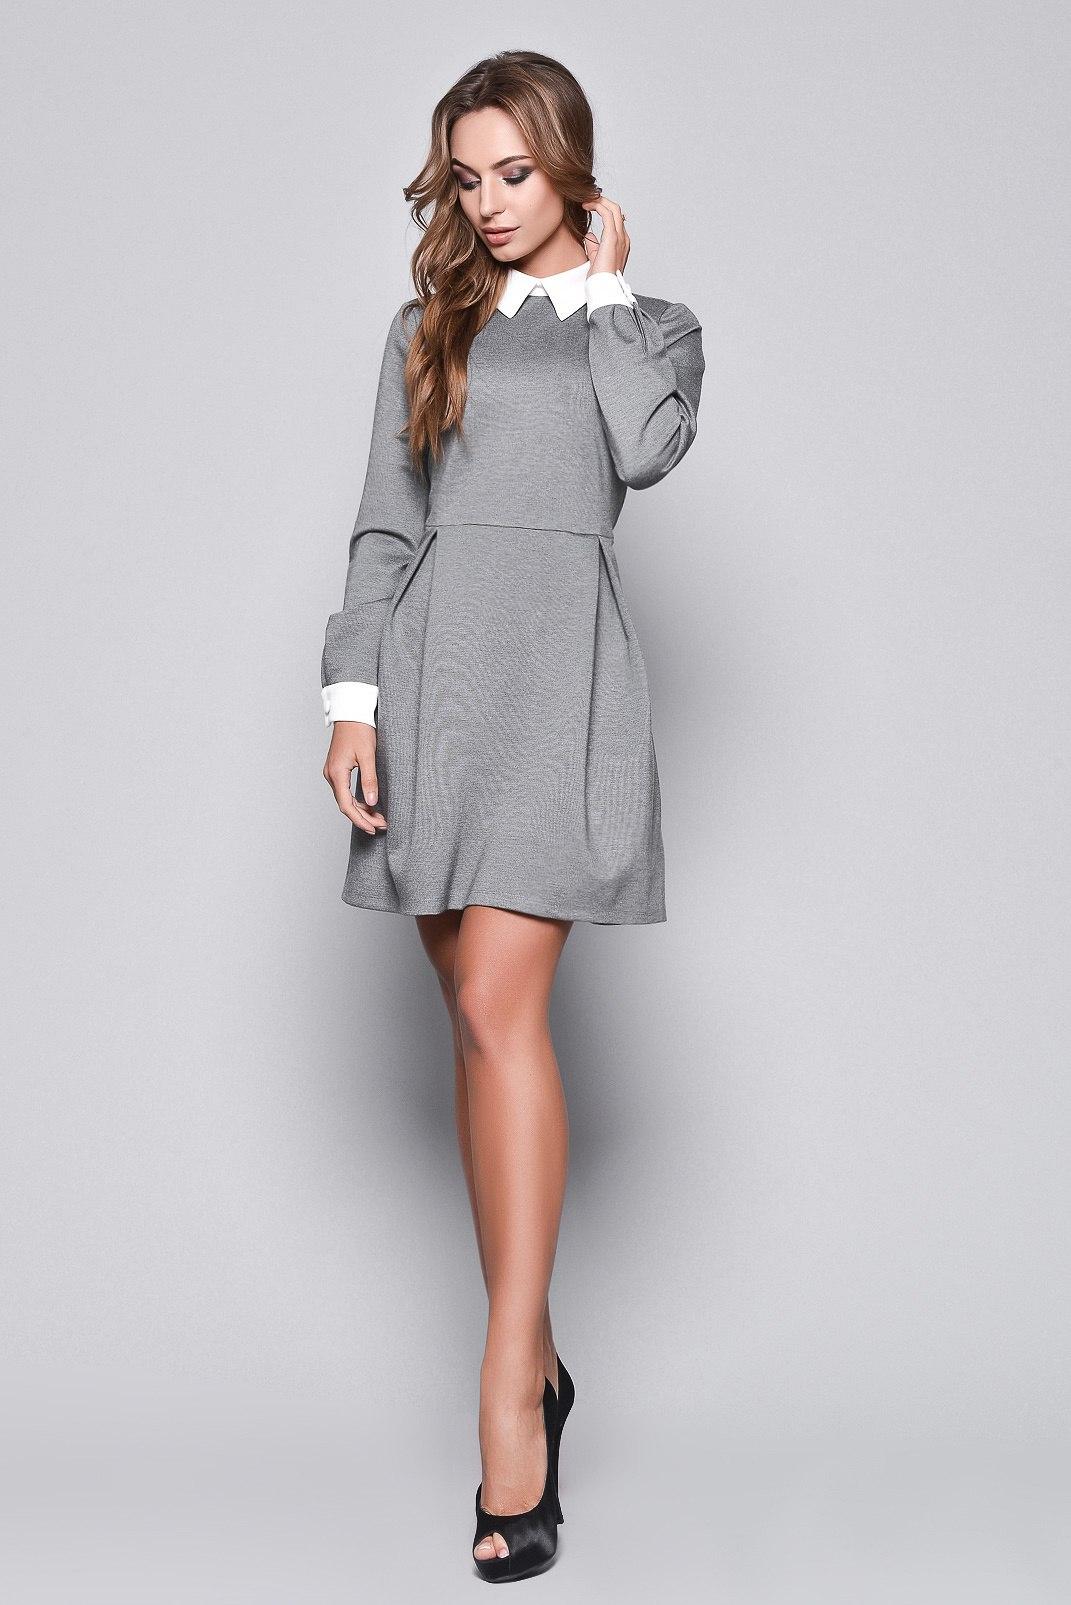 fb4e1e73bc53be6 Выбирайте модели с кружевными или вязаными воротниками. Эффектно и очень  привлекательно выглядит платье с ажурным оформлением на рукавах.